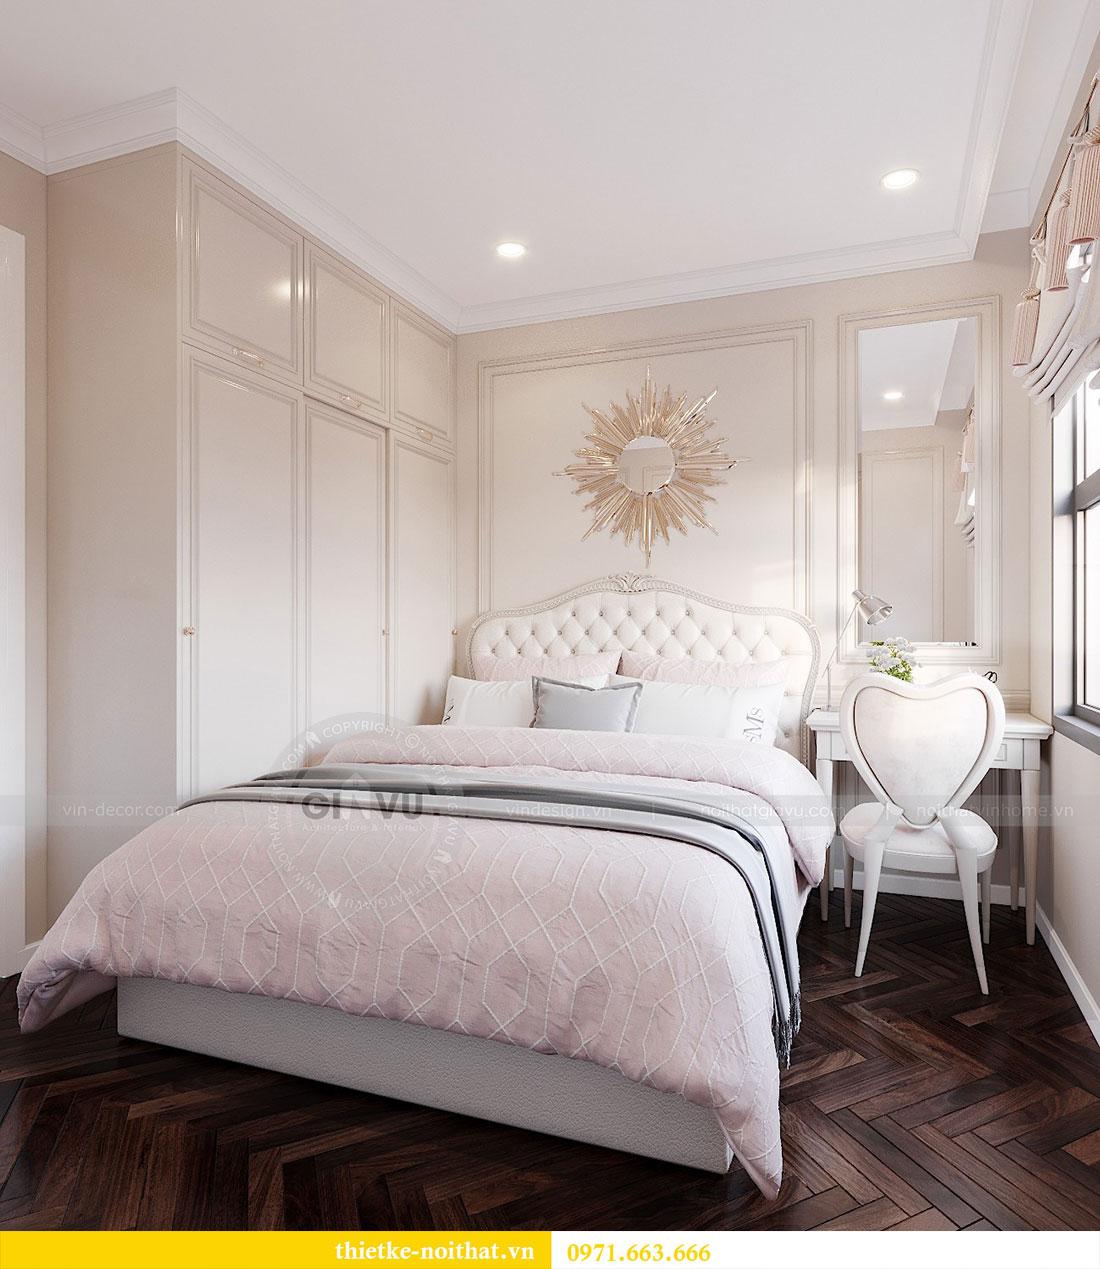 Khám phá thiết kế nội thất căn hộ chung cư 85m2 tại dự án Dcapitale 9